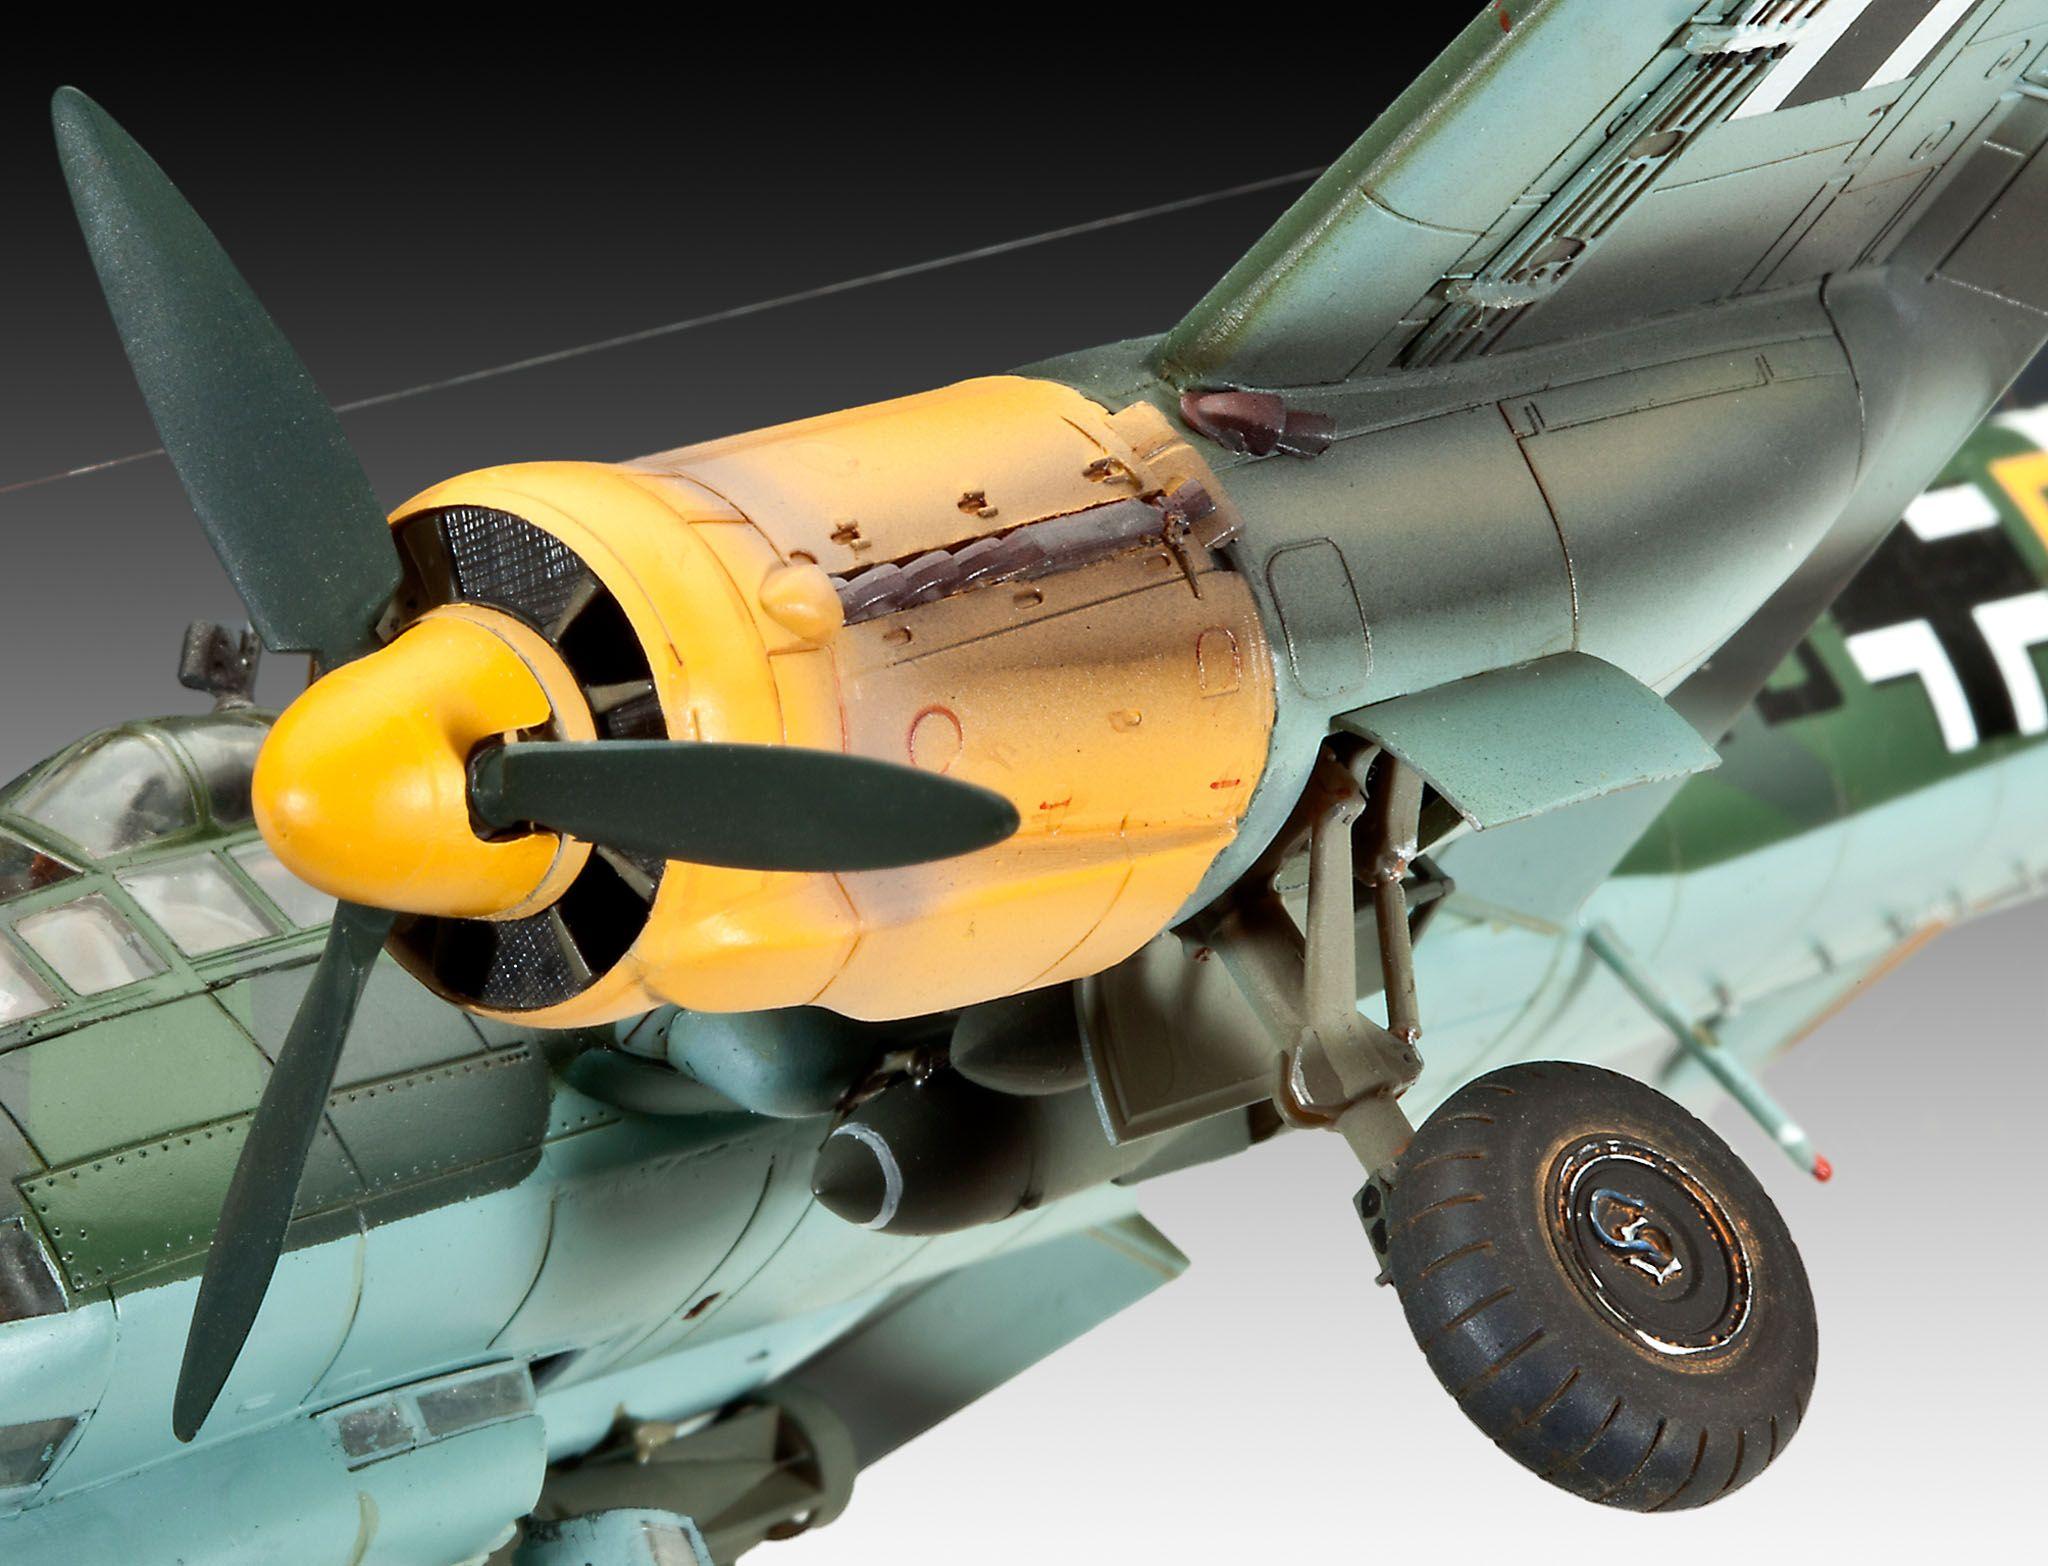 Сглобяем модел на военен самолет Revell Junkers - Ju88 A-4 Bomber (04672) - 3